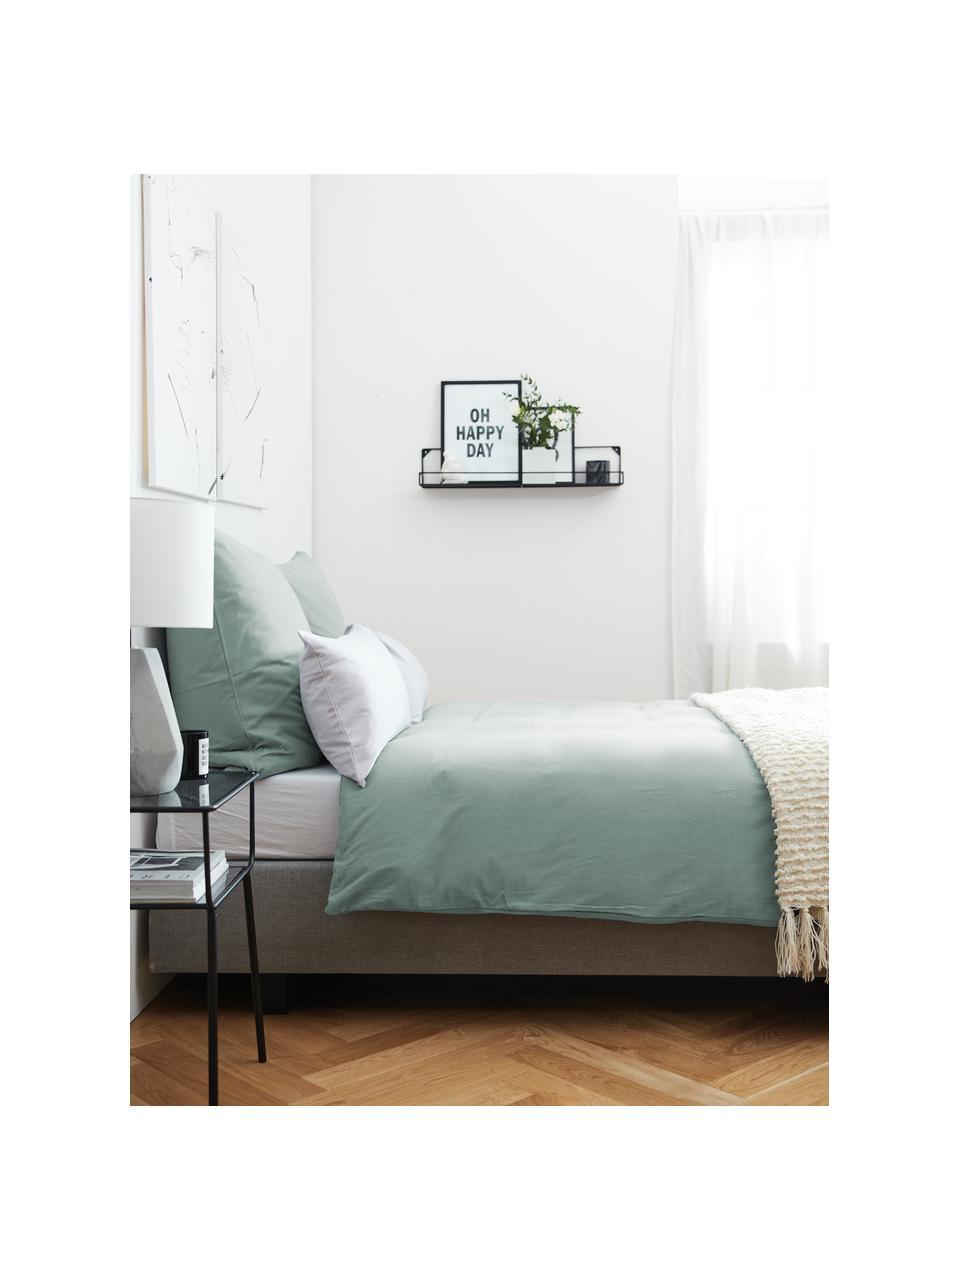 Flanell-Bettwäsche Biba in Salbeigrün, Webart: Flanell Flanell ist ein k, Salbeigrün, 135 x 200 cm + 1 Kissen 80 x 80 cm